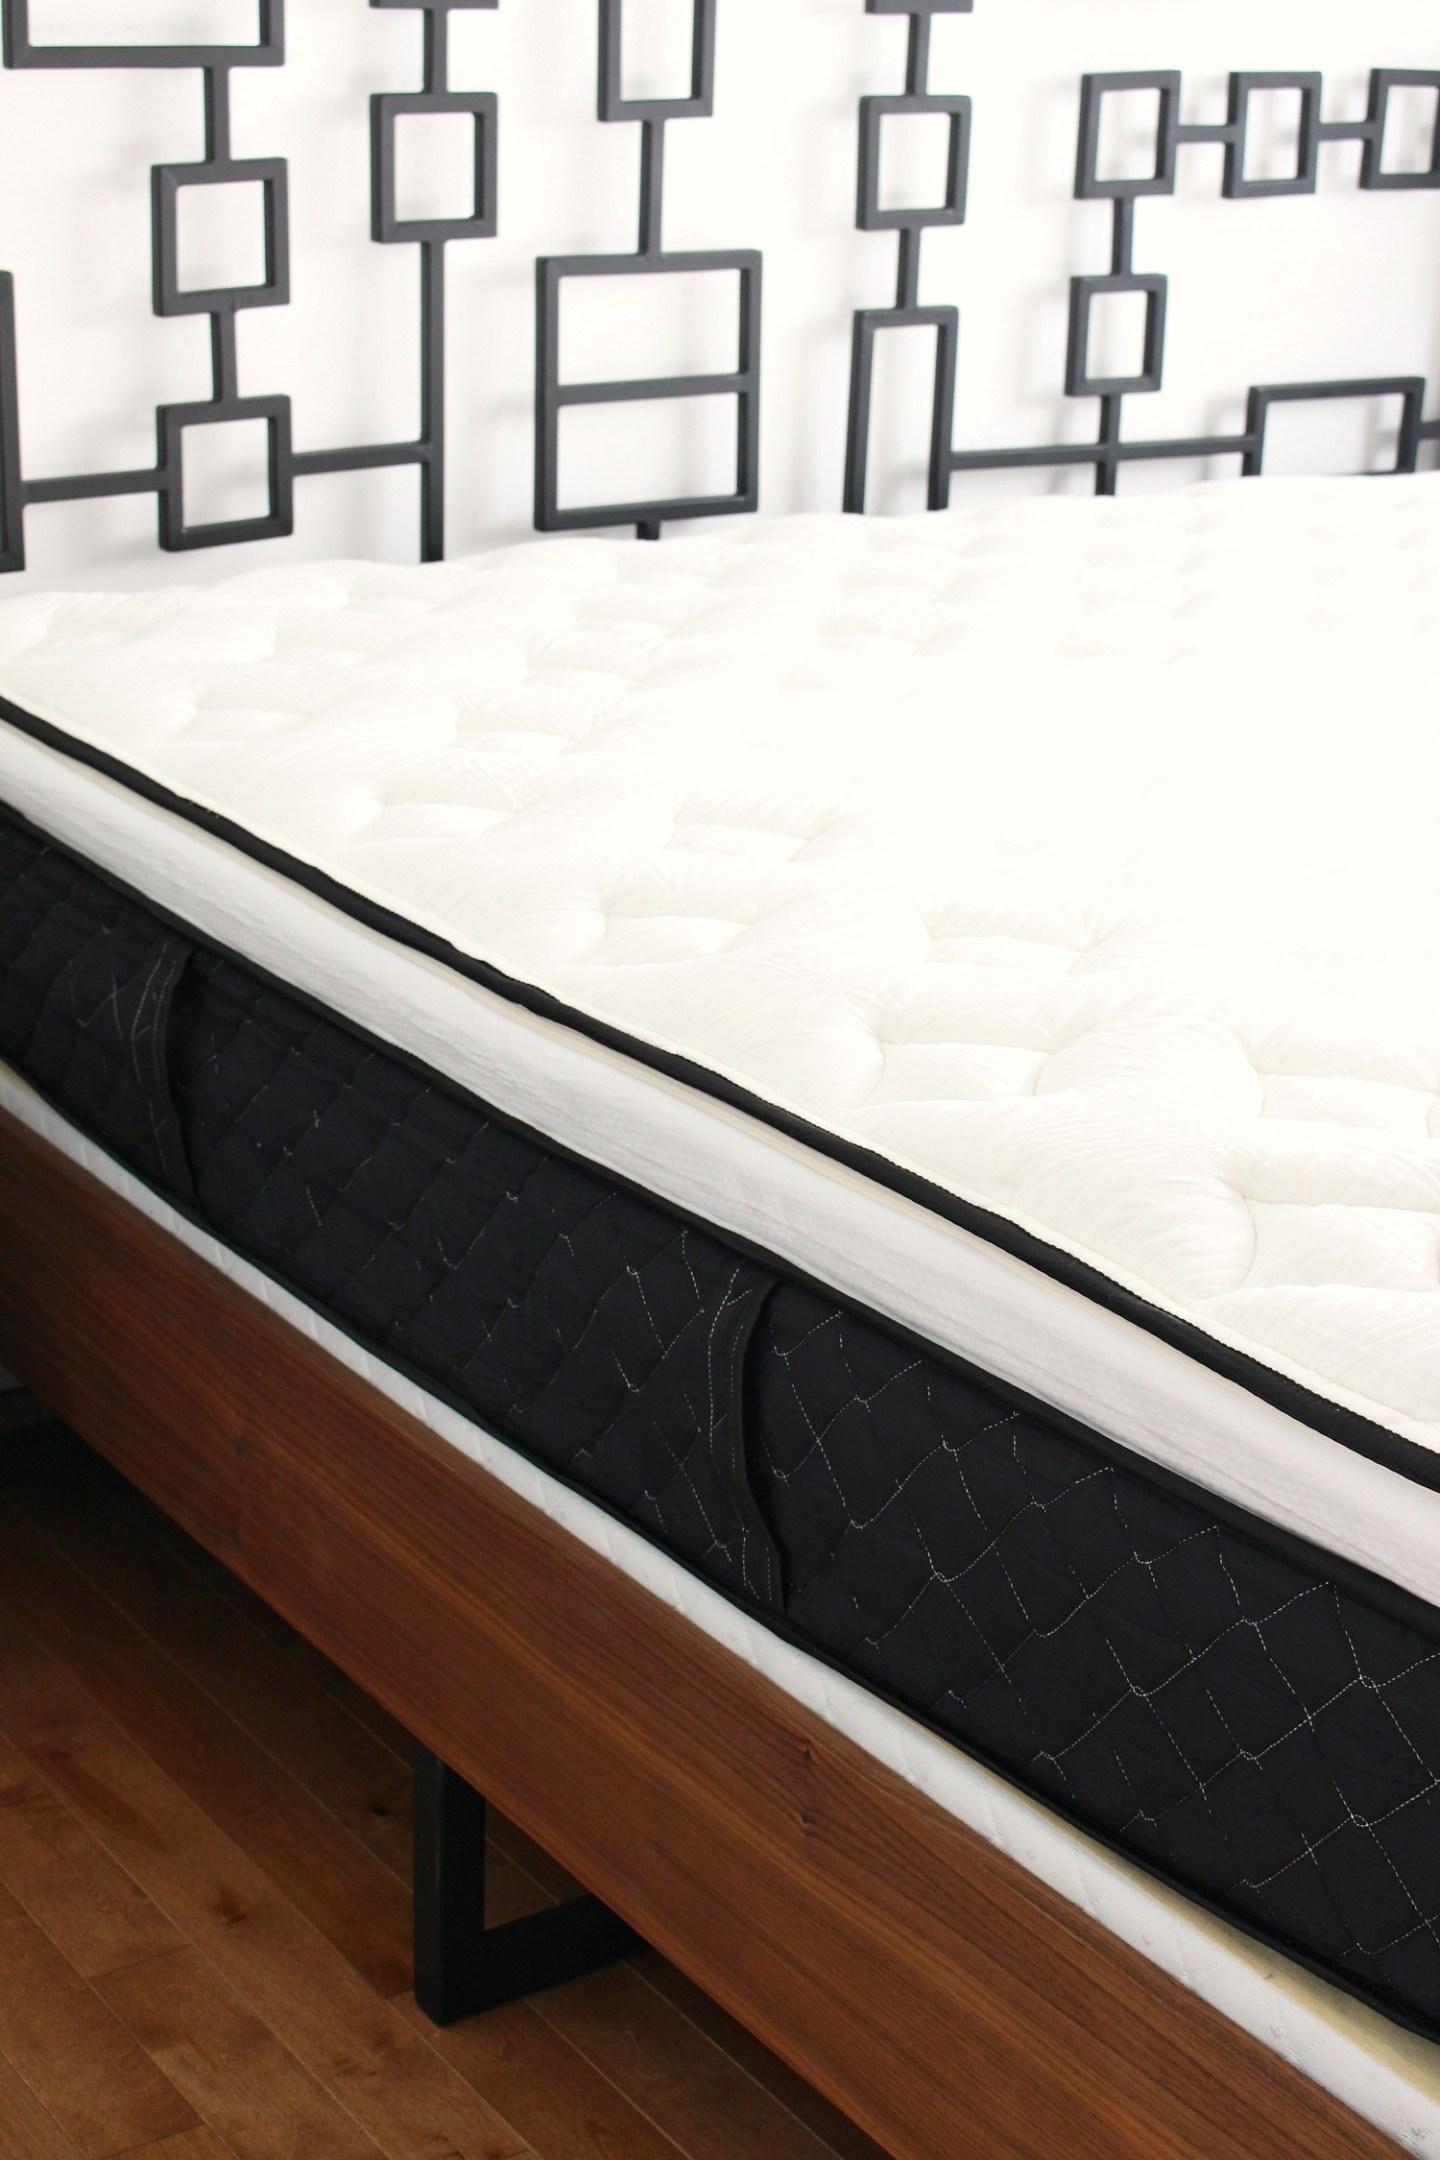 Thicker Mail Order Foam Mattress That Feels Like a Traditional Mattress | Nest Bedding Alexander Signature Hybrid Mattress Review